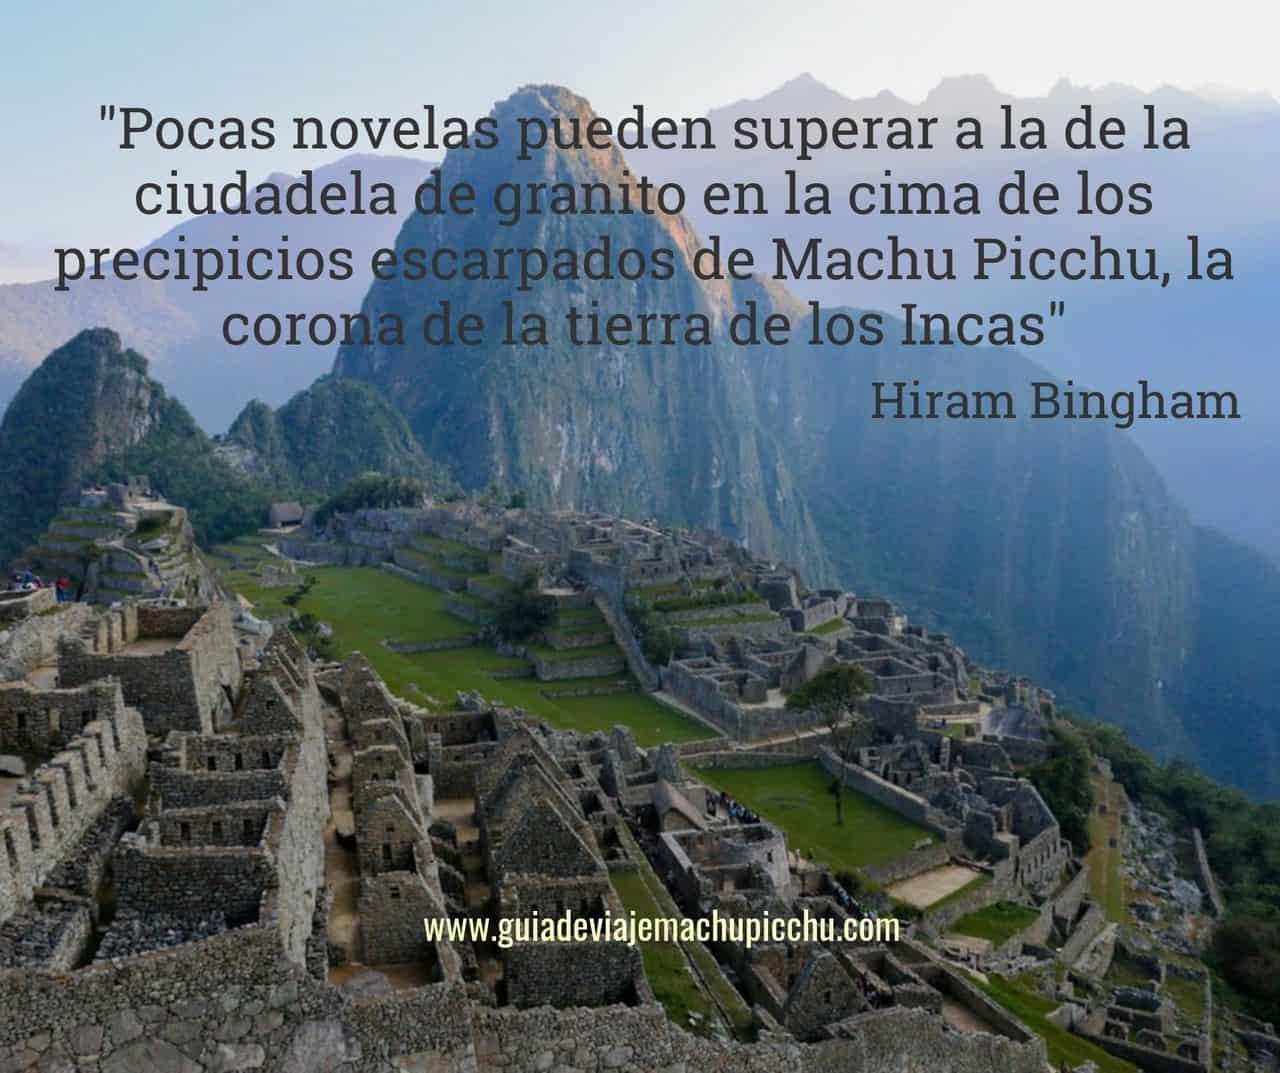 Frases Sobre Machu Picchu Guia De Viaje Machu Picchu